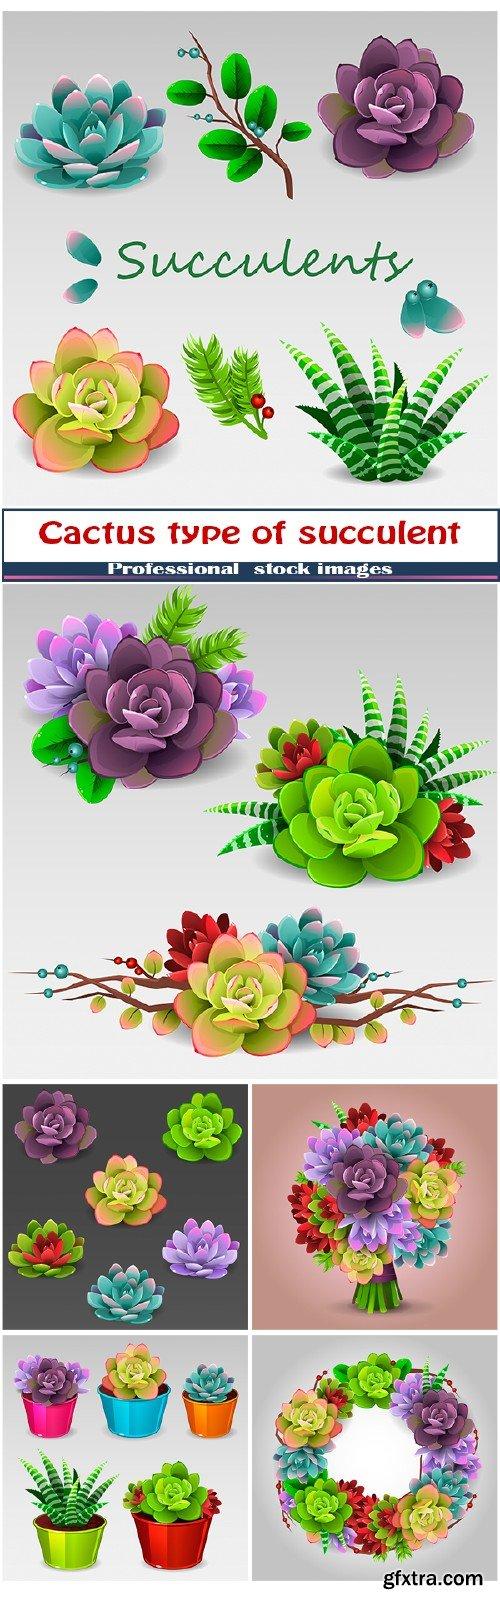 Cactus type of succulent